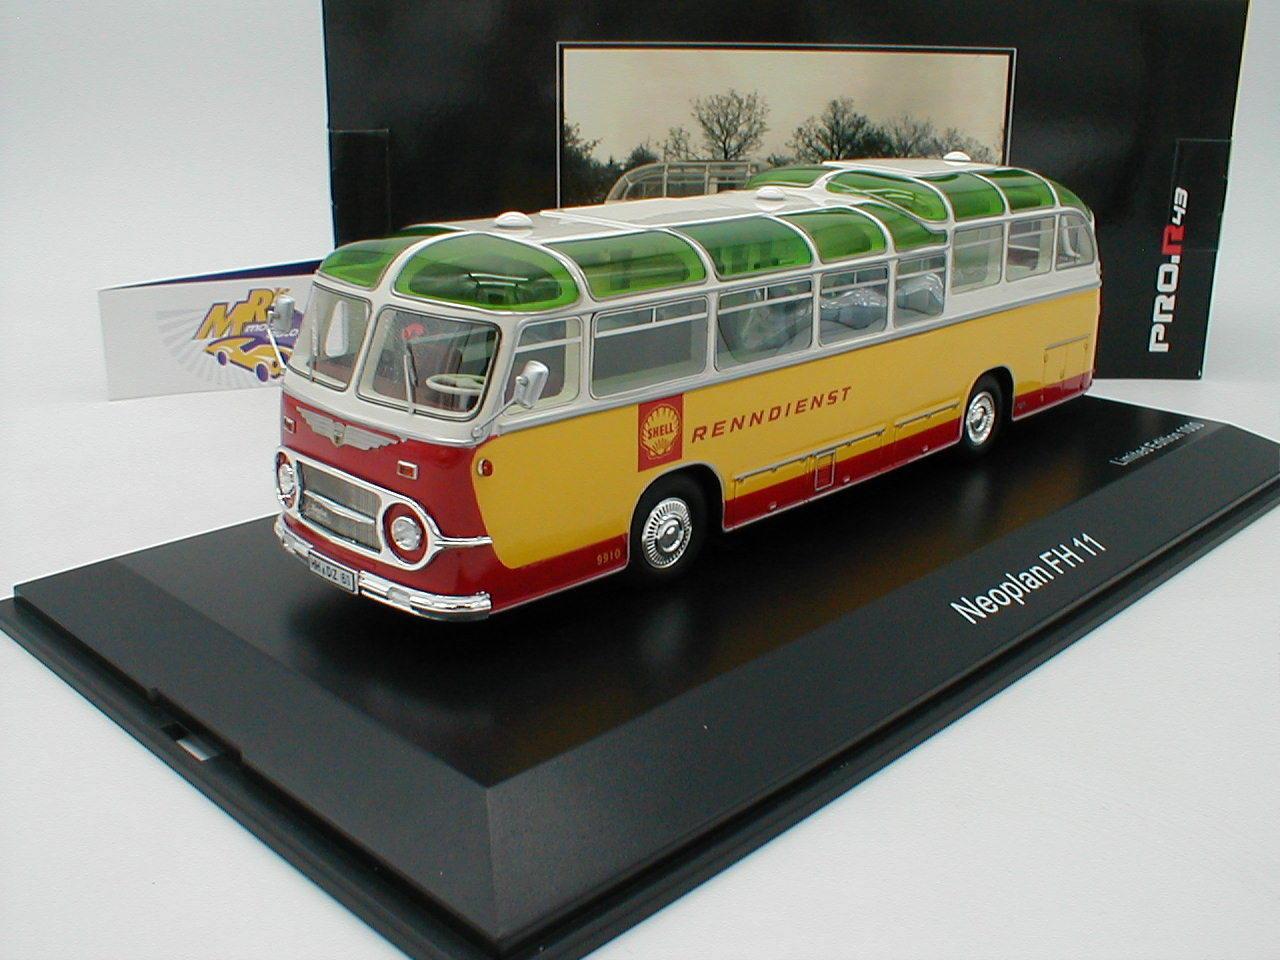 Schuco 08965 - Neoplan FH 11 Bus gelb-rot   Shell Renndienst   1 43 Sonderpreis